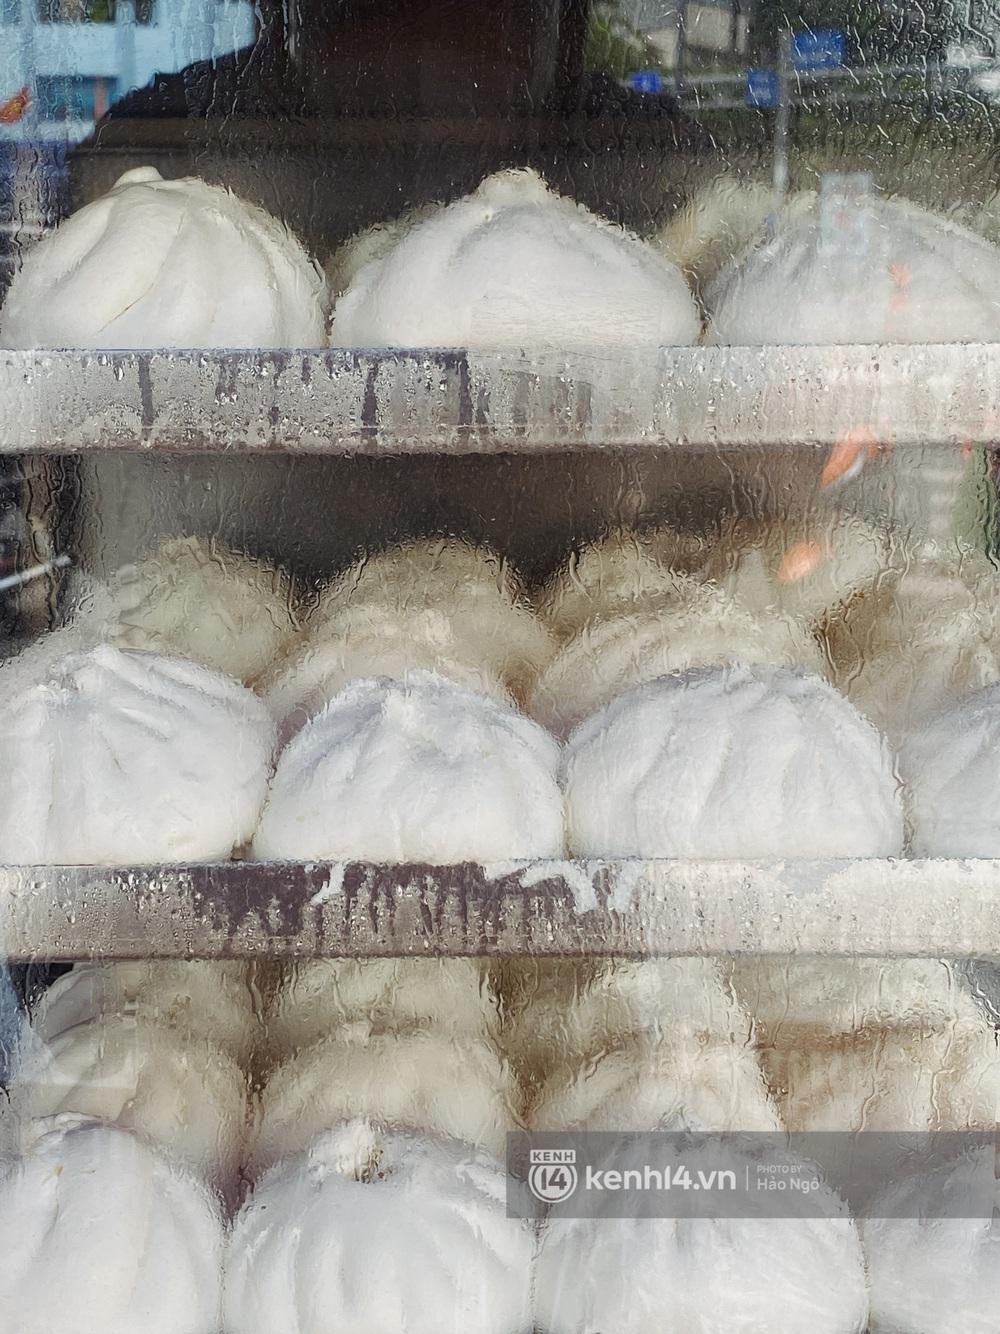 Xếp hàng mua bánh Trung thu Như Lan hot nhất Sài Gòn: Khách sộp mua 11 triệu tiền bánh, shipper đợi đến phát quạu - Ảnh 23.